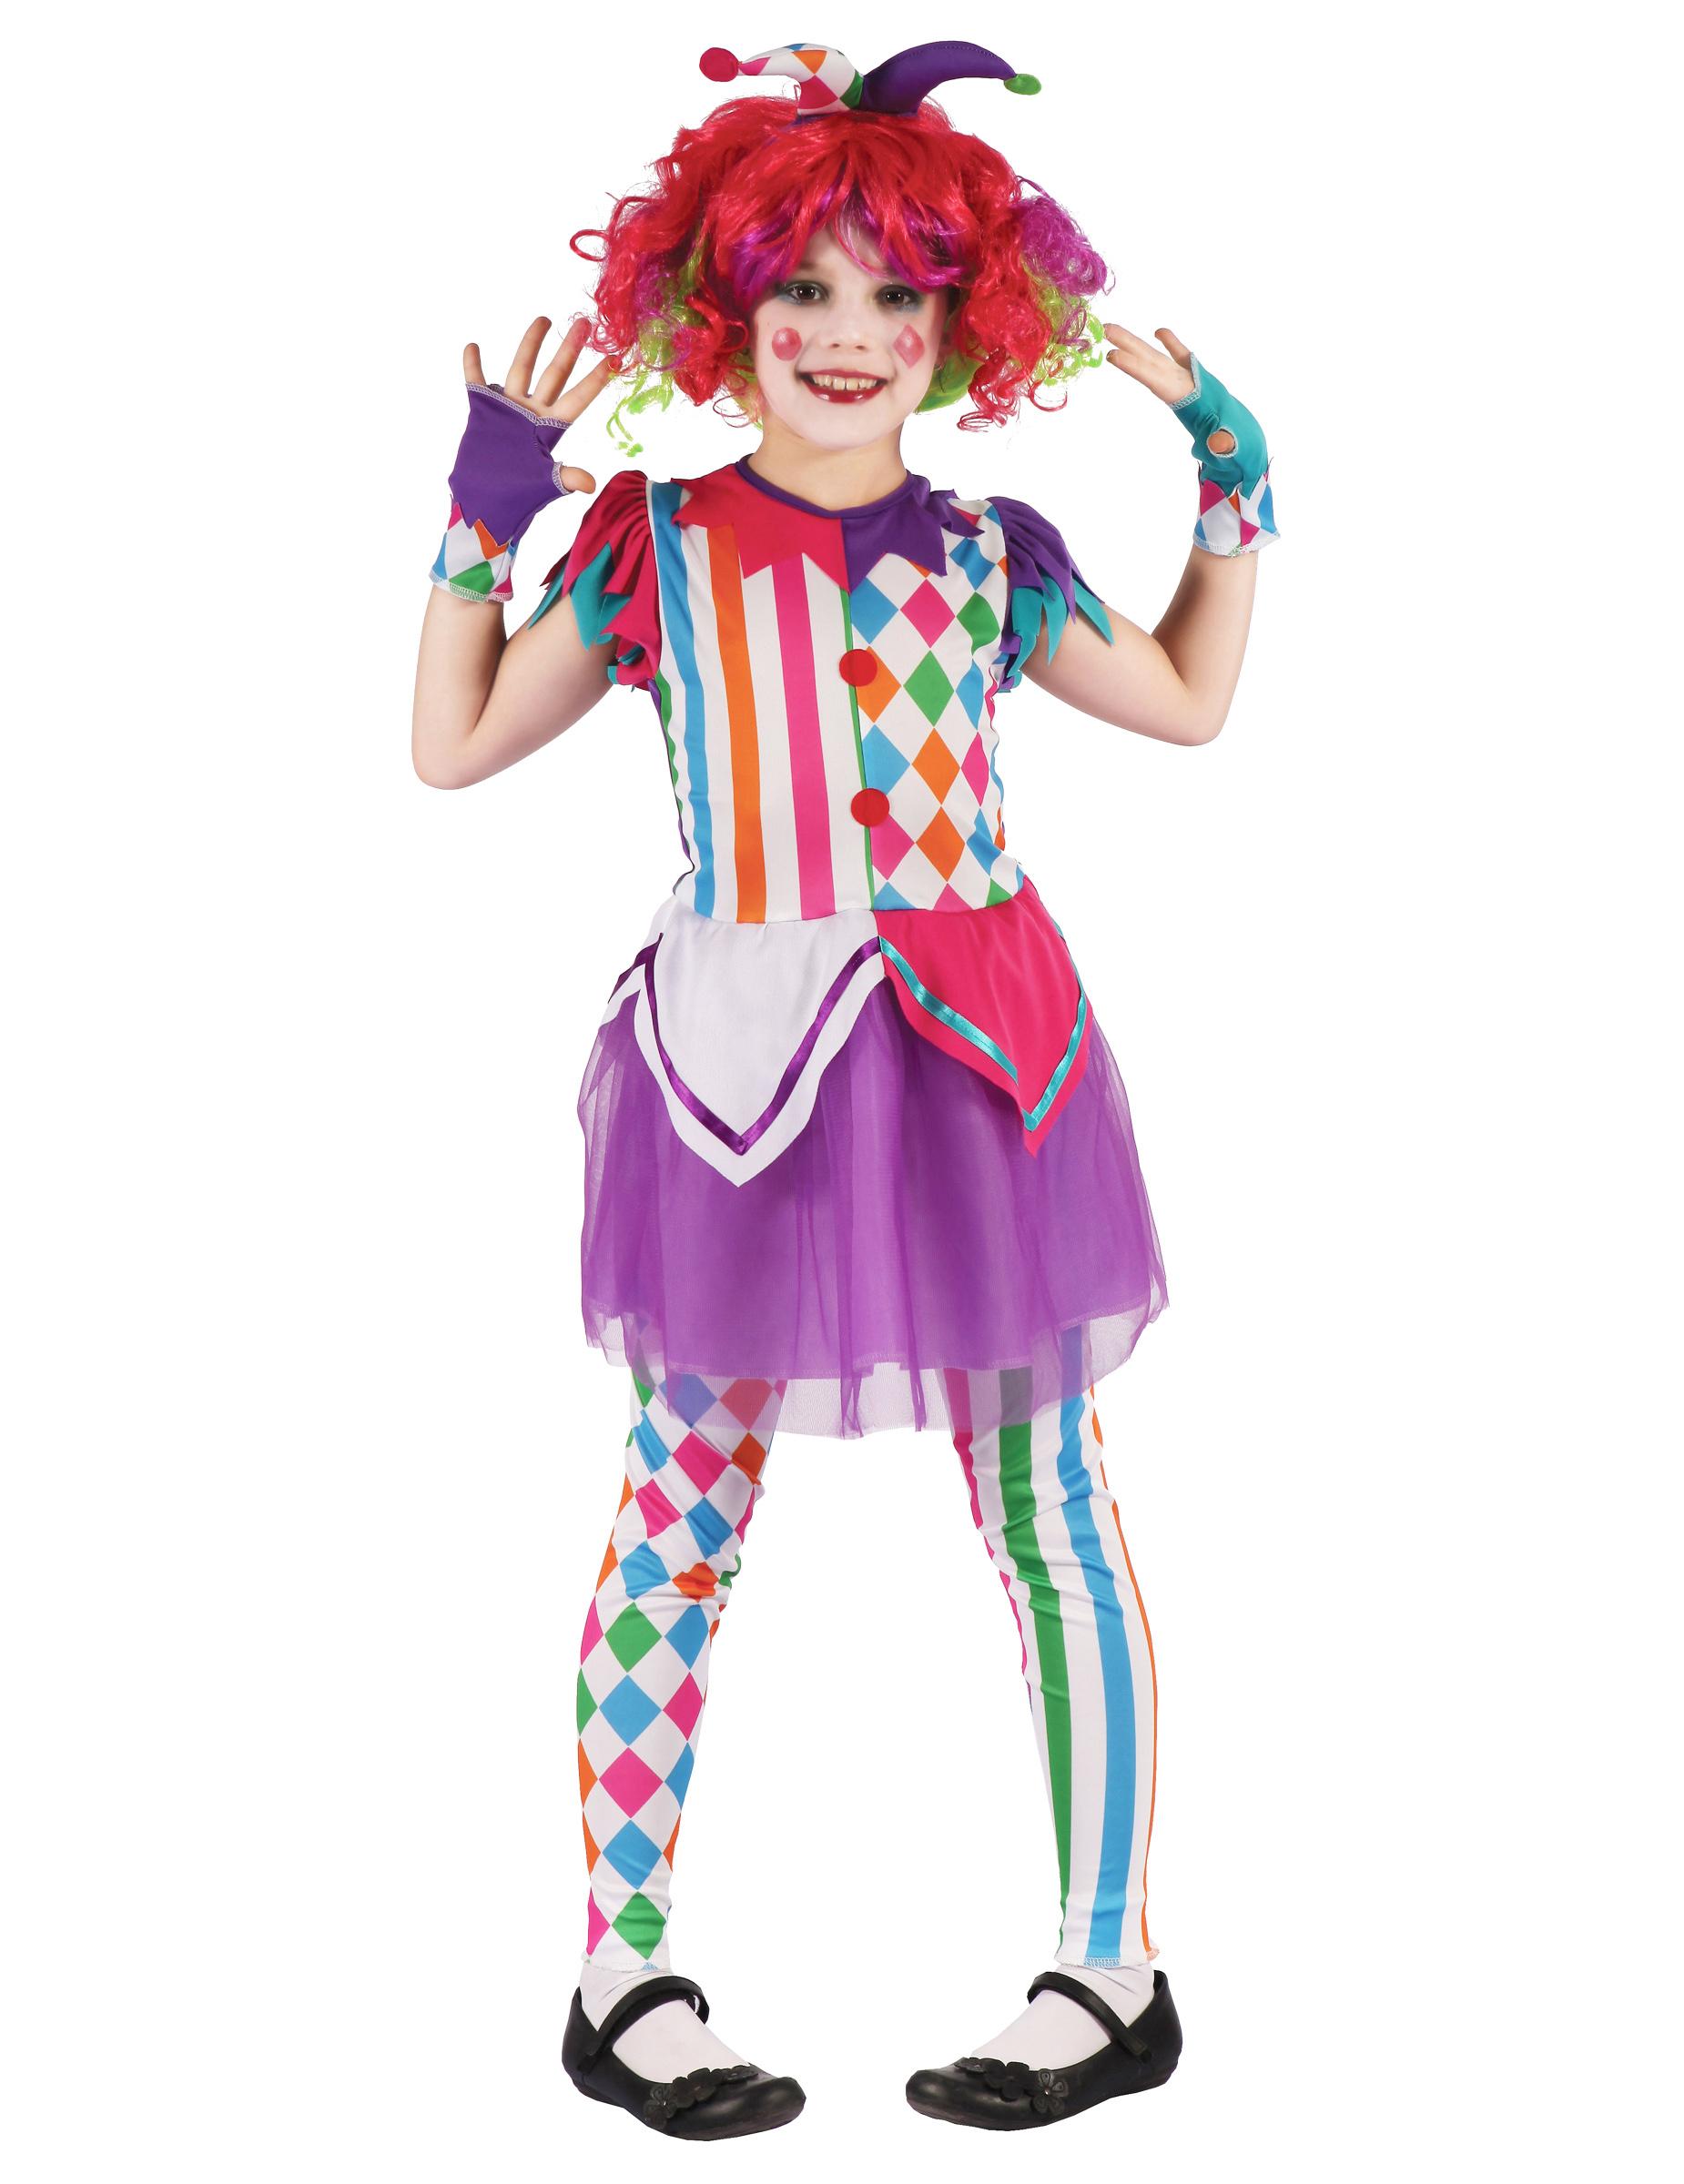 Bambini Per Costume e Da Bambina Arlecchino Costumi Multicolore r7wYct0Yxq